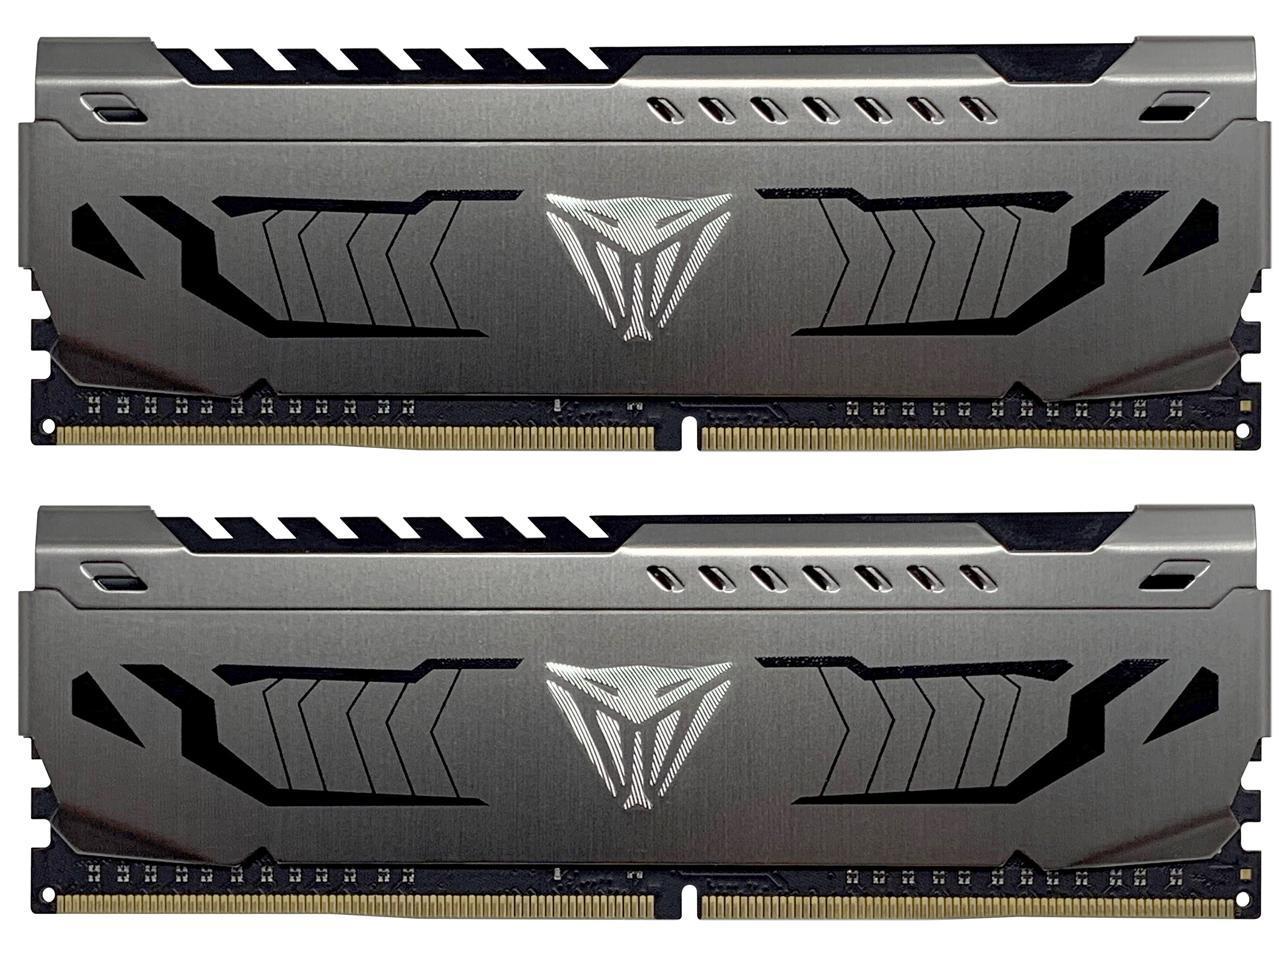 16GB (2x 8) Patriot Viper Steel DDR4 4400 Desktop RAM kit @Newegg $115